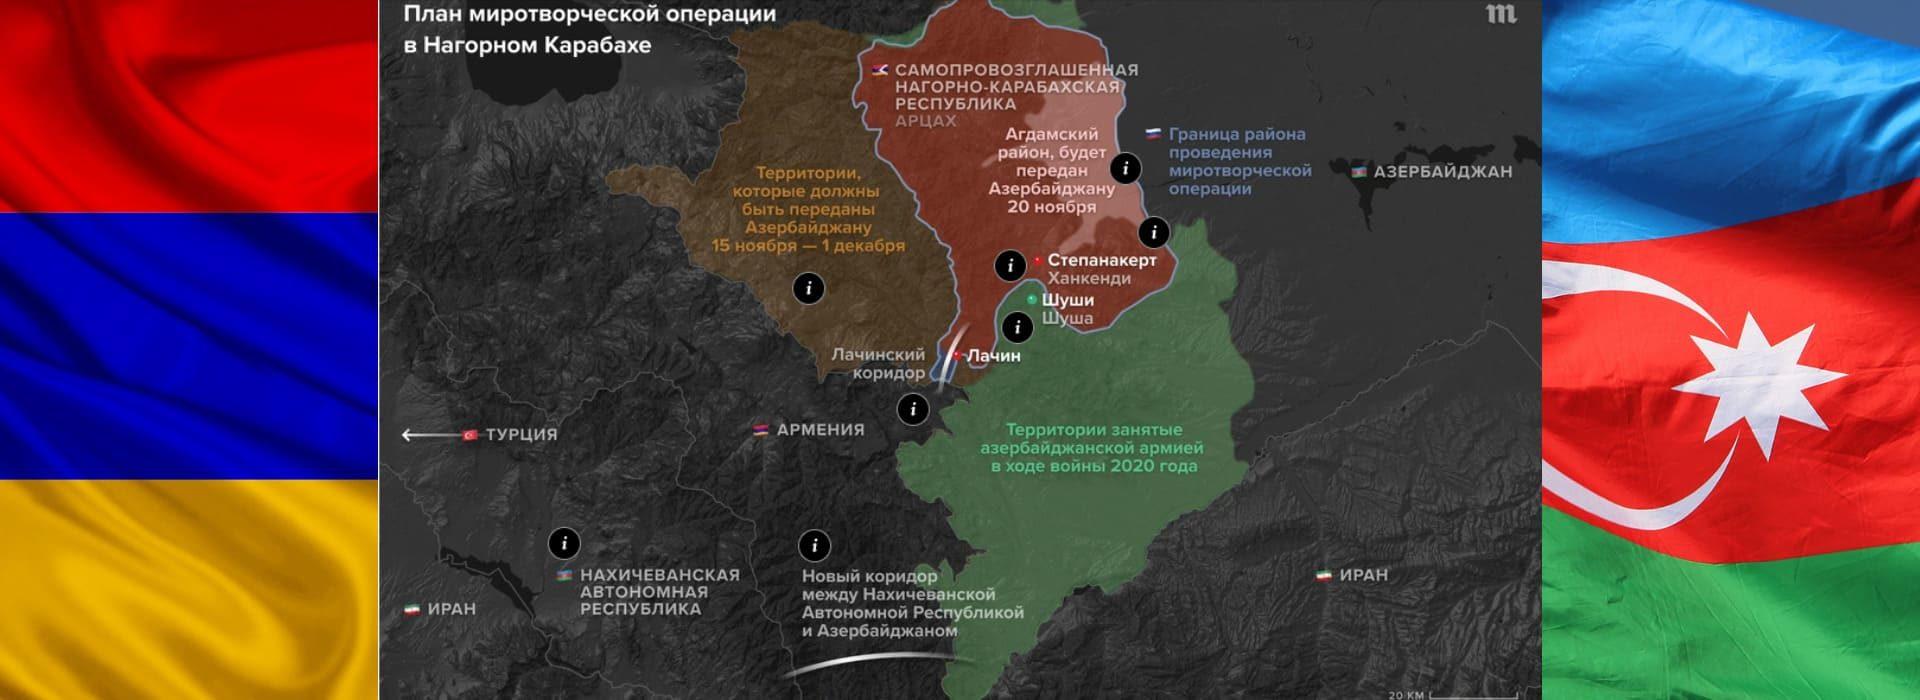 Итоги войны в Нагорном Карабахе 2020